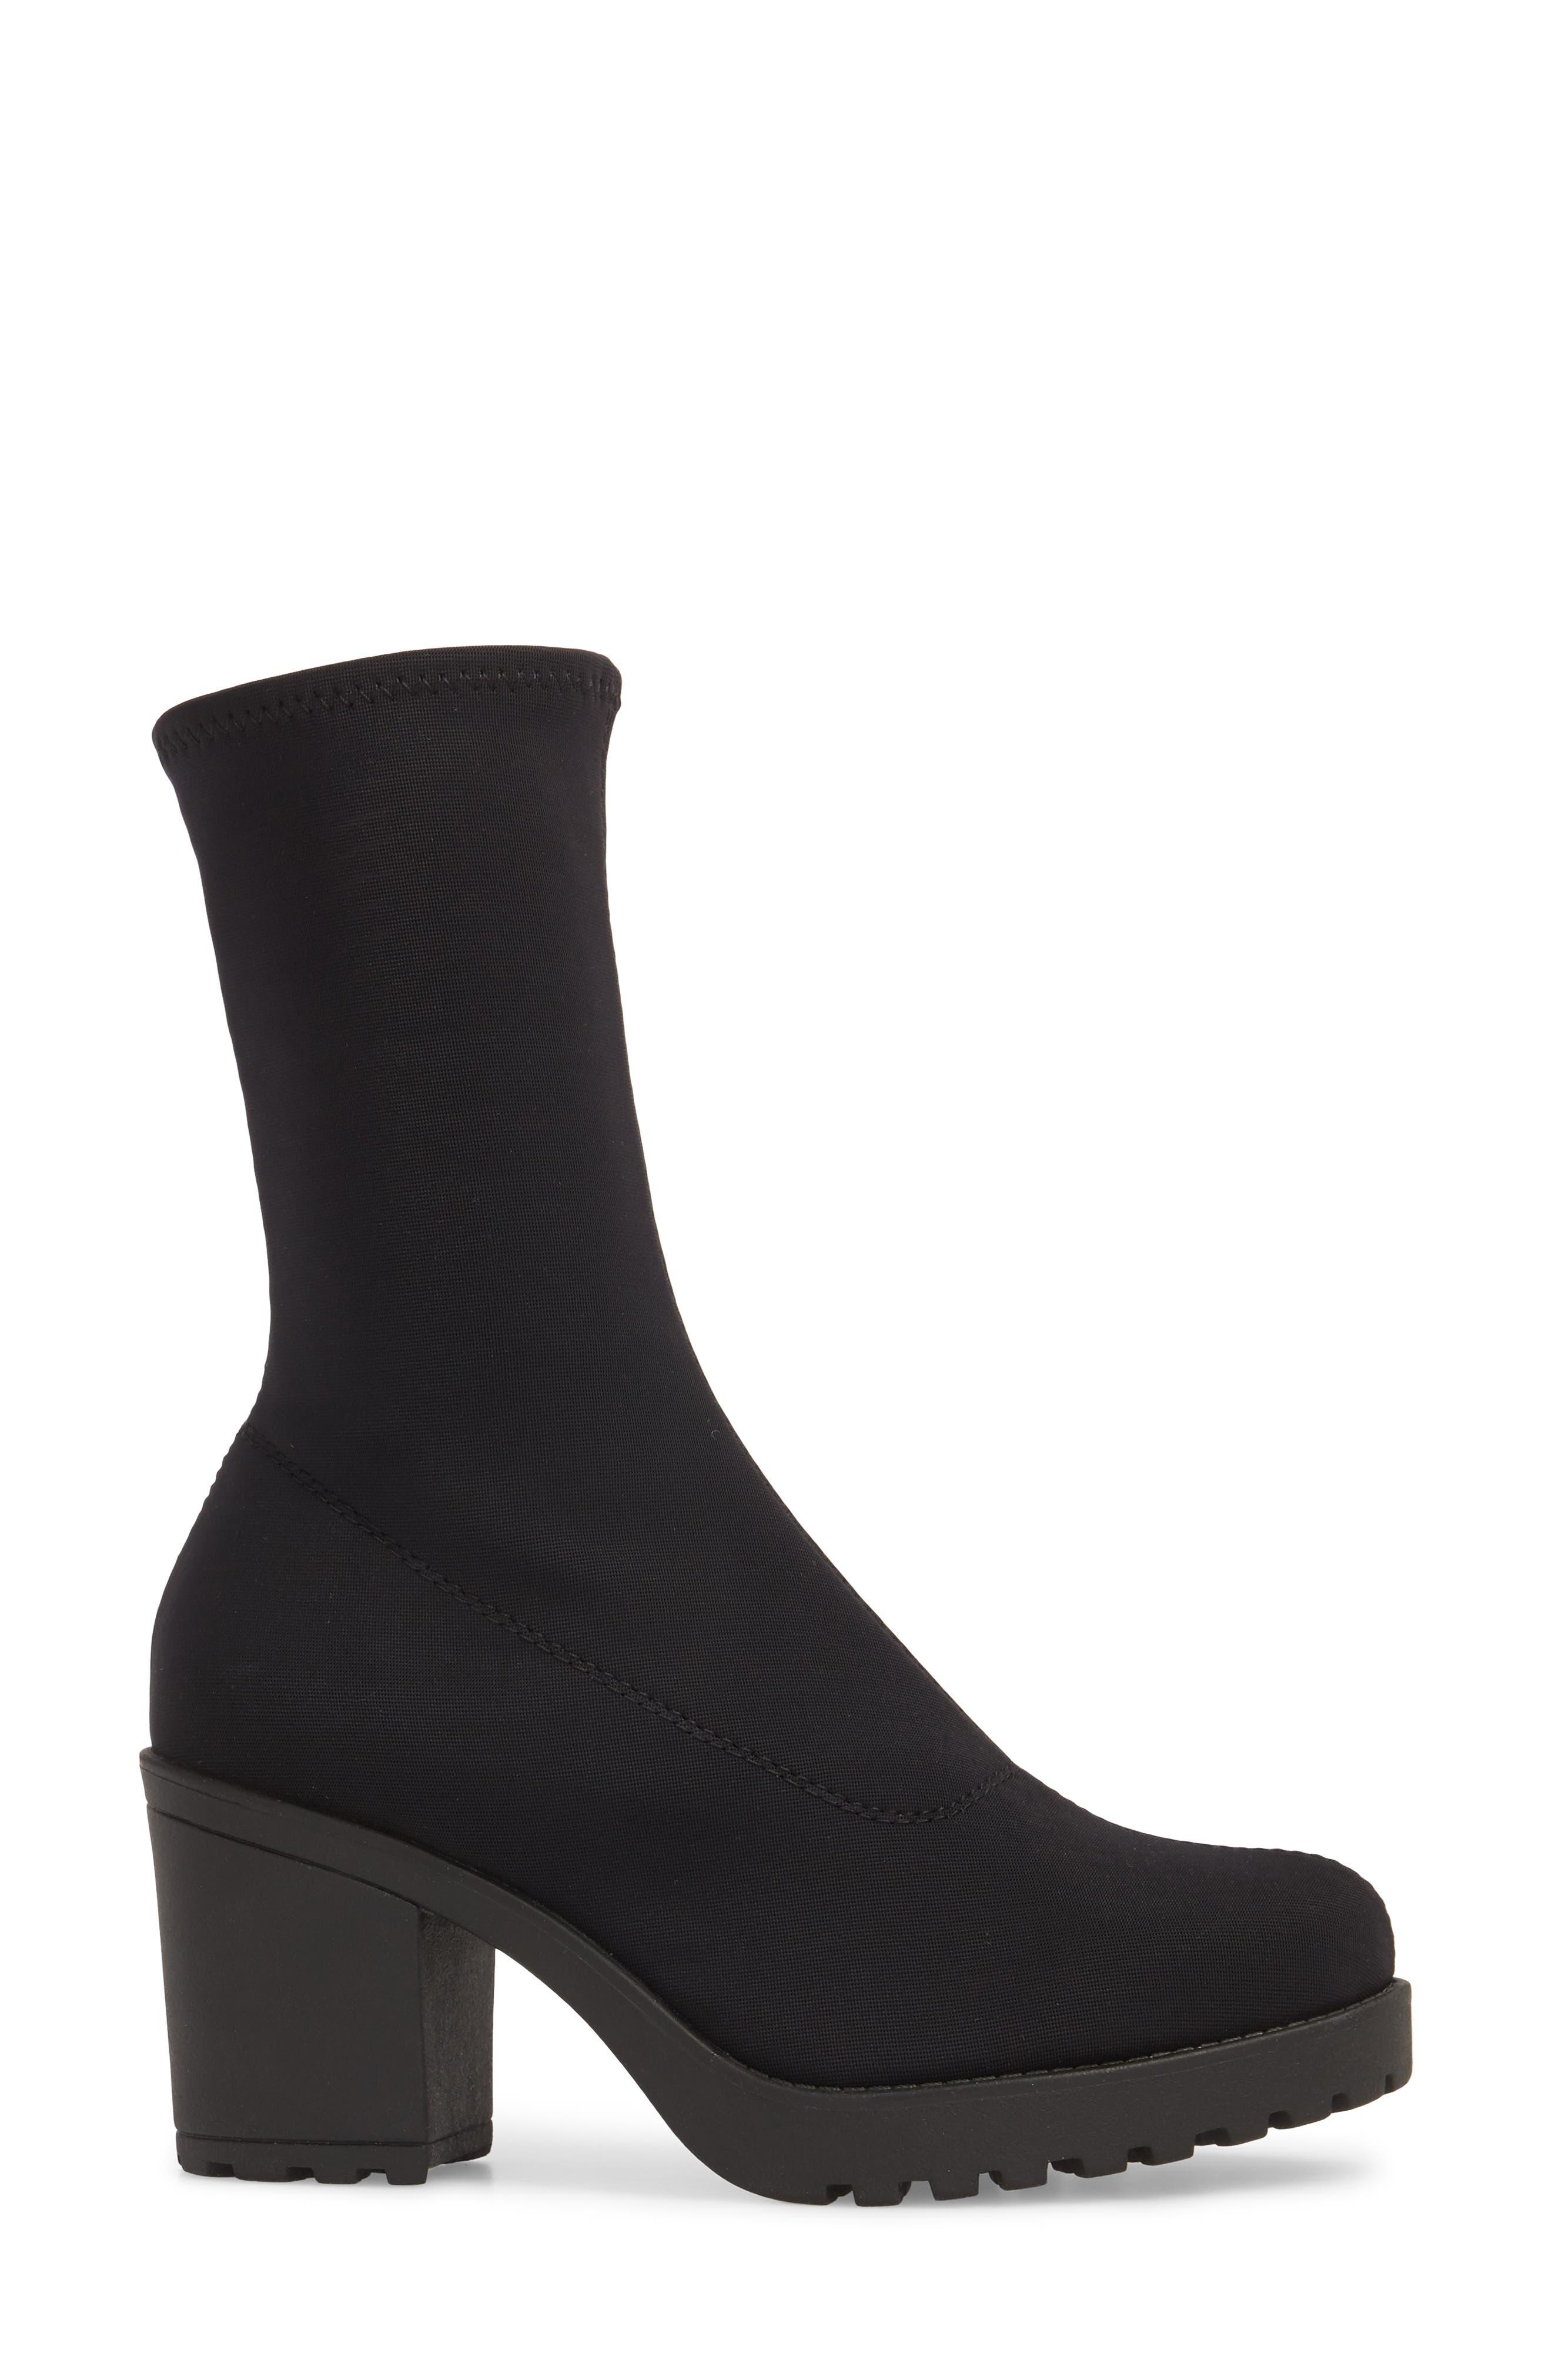 VAGABOND, Shoemakers Grace Platform Bootie, Alternate thumbnail 3, color, BLACK FABRIC